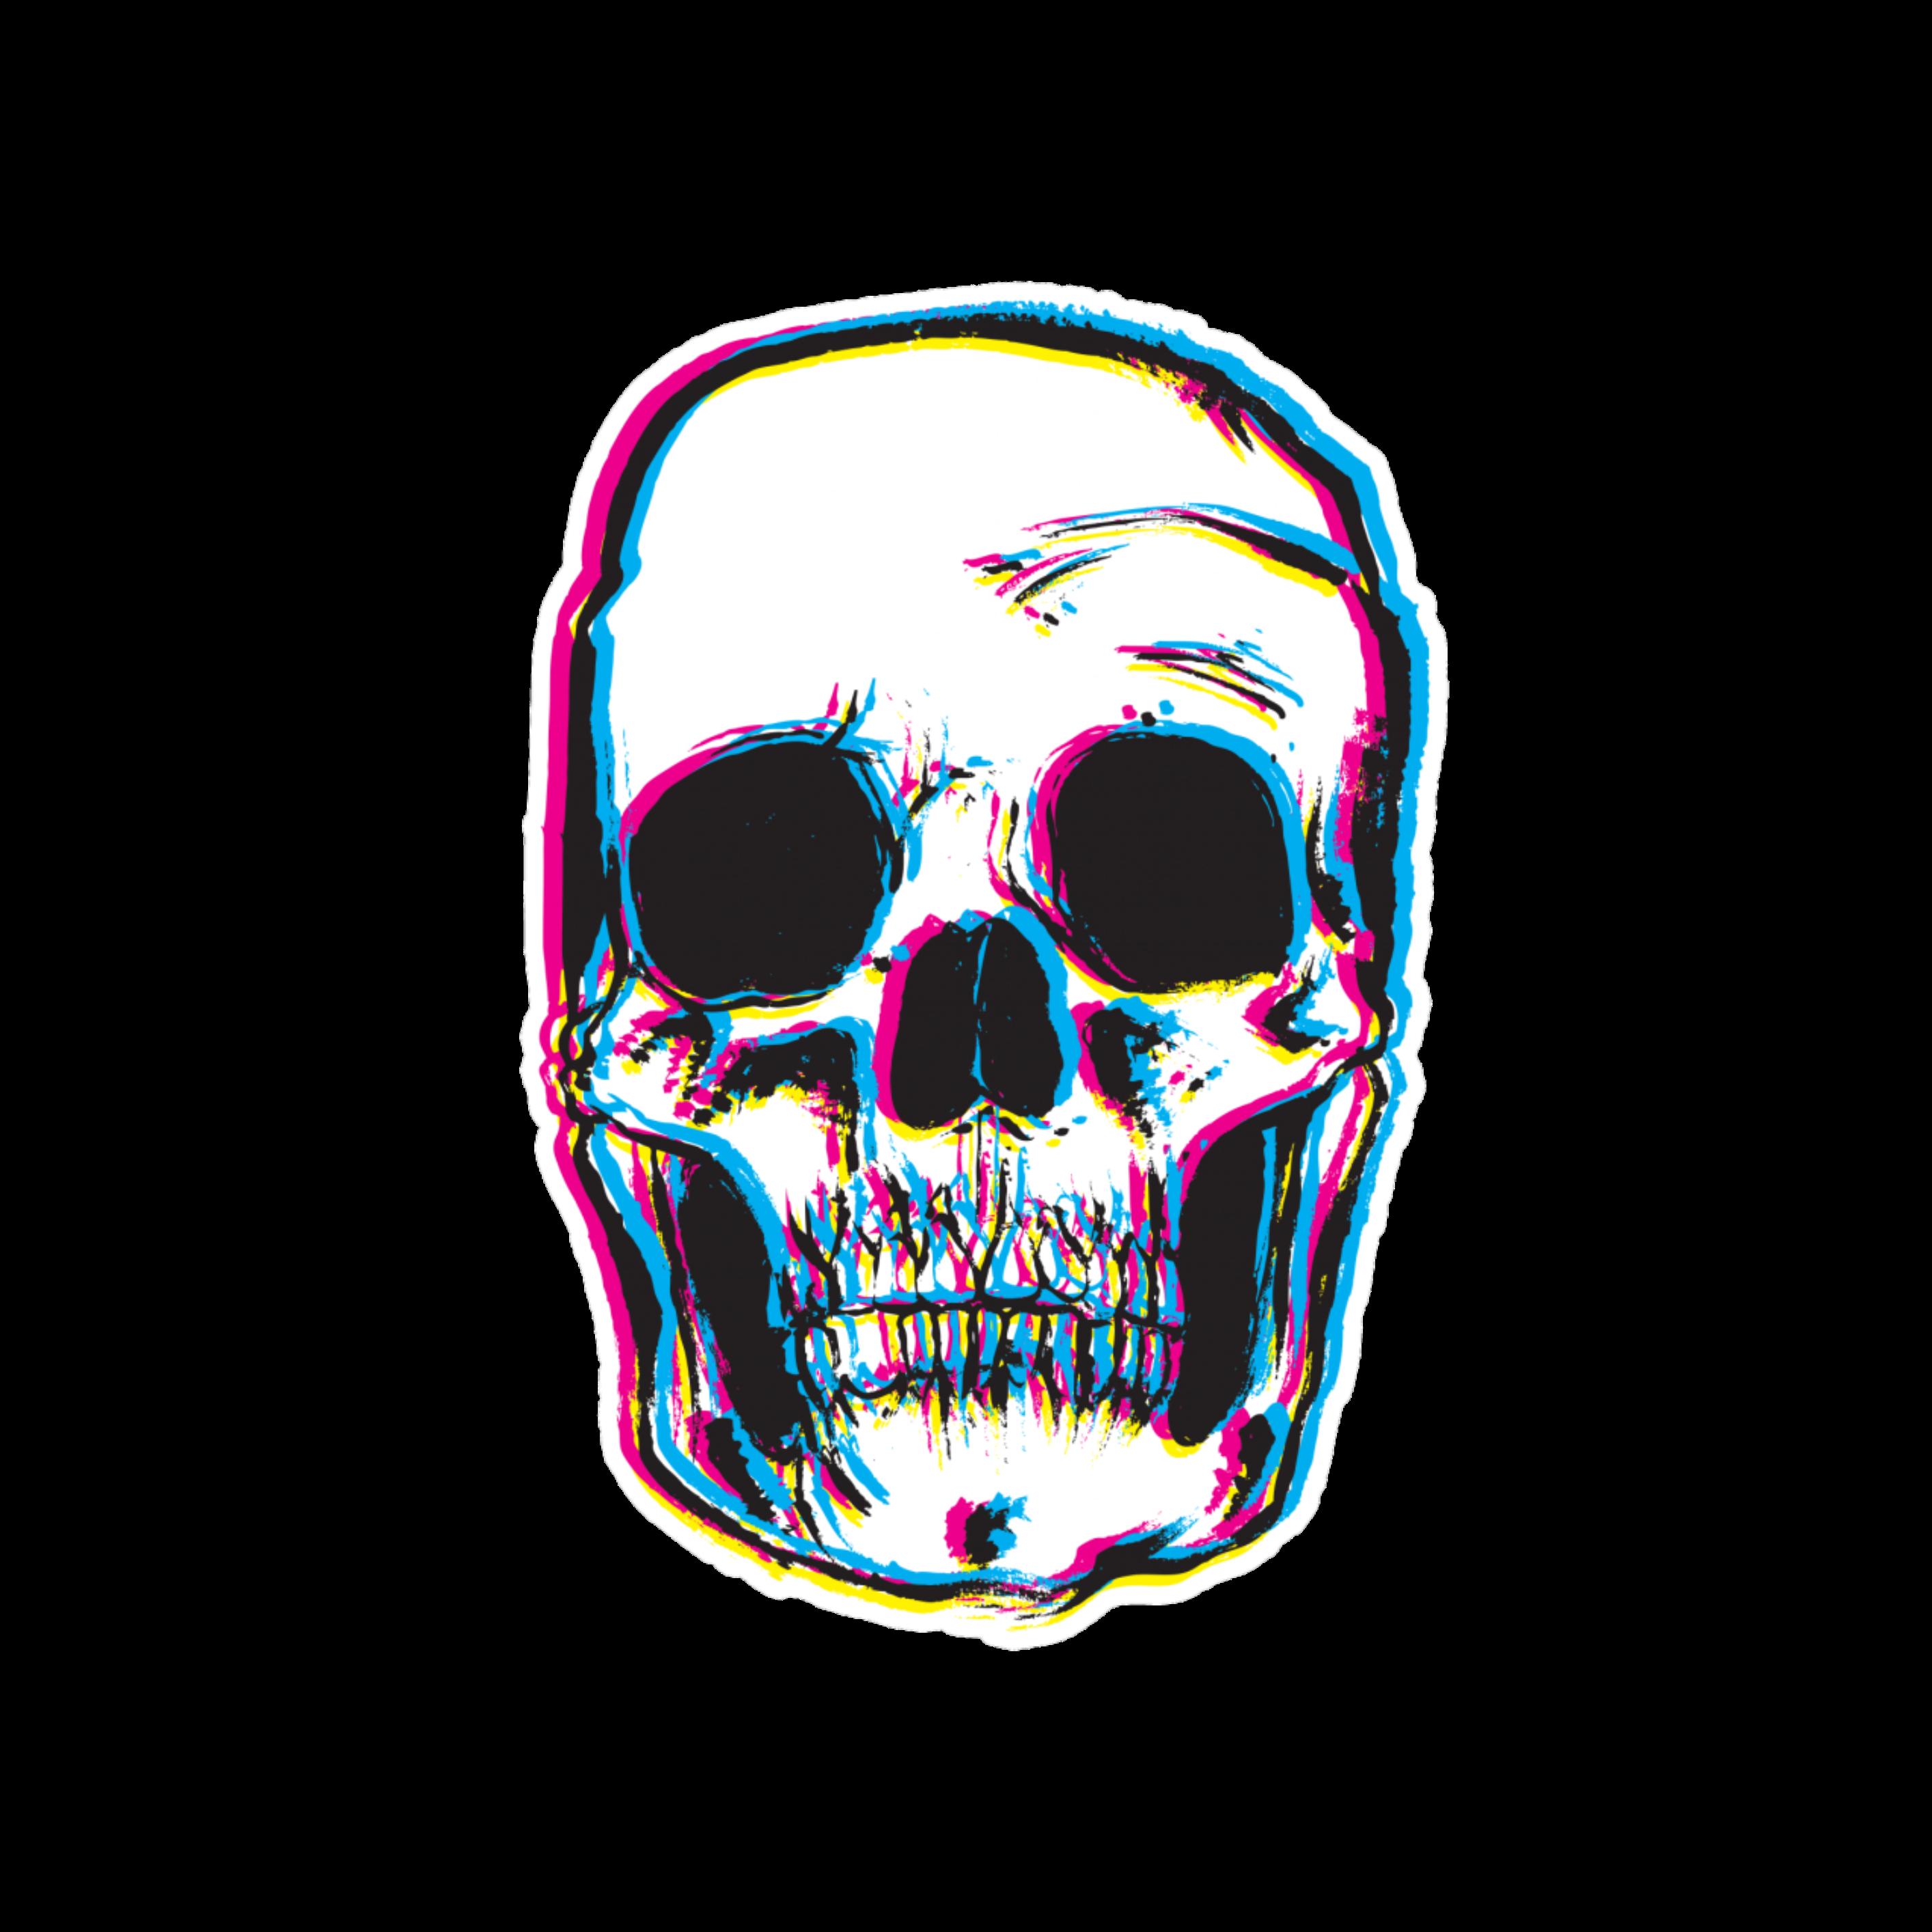 Skulls Tumblr Aesthetic: Aesthetic Tumblr Skull Glitch Chill Mood Cool Creepy